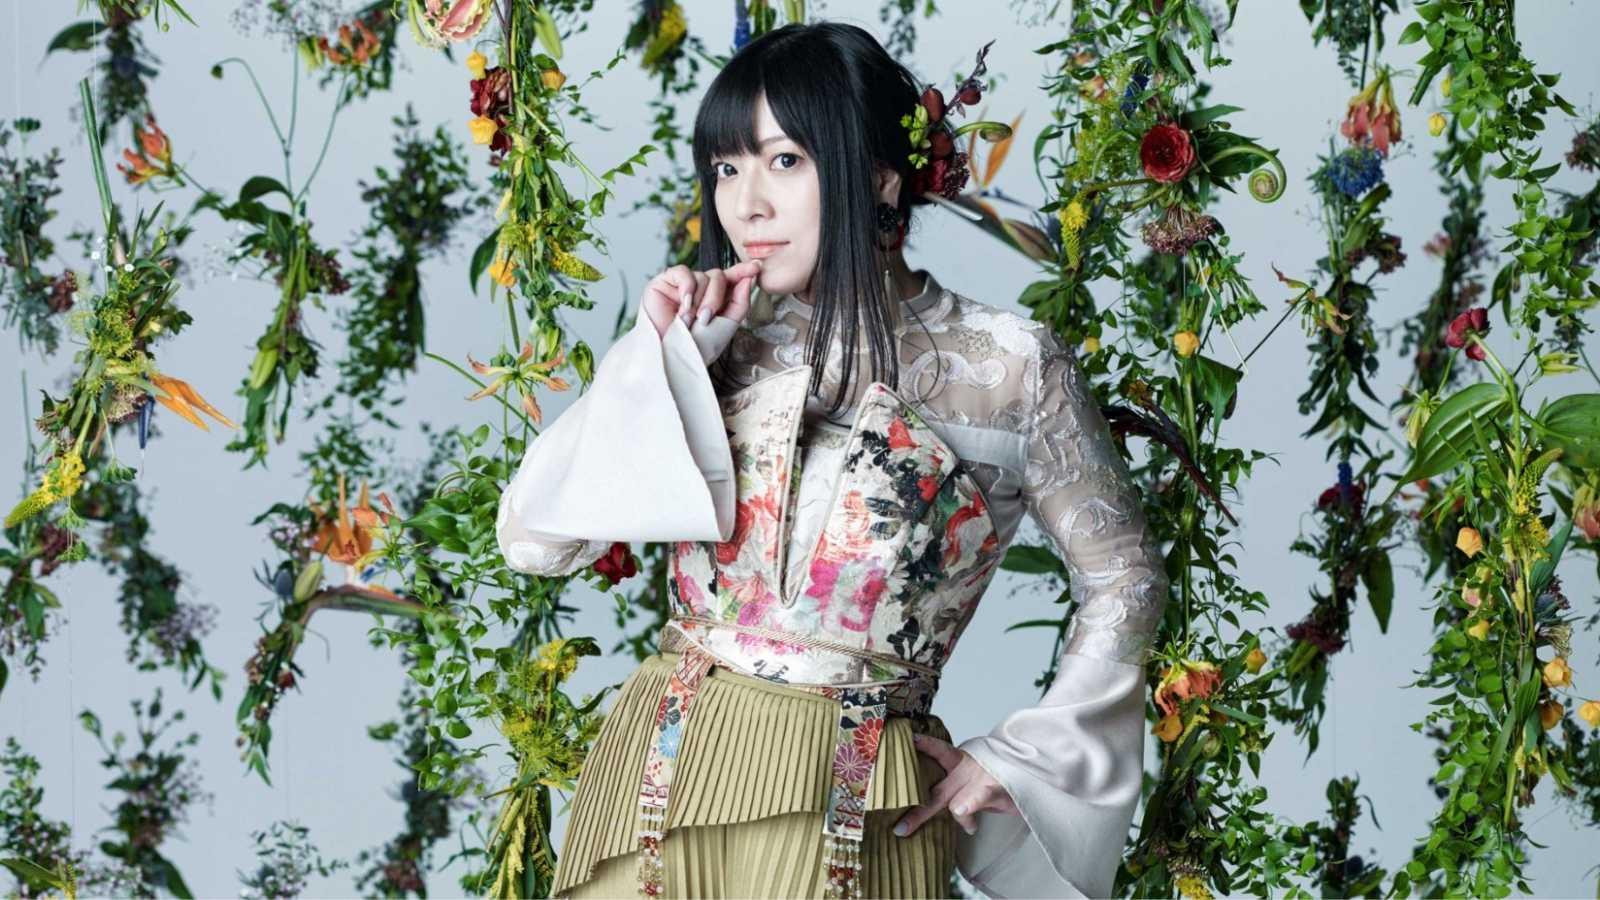 Suzuhana Yuko © Yuko Suzuhana. All rights reserved.